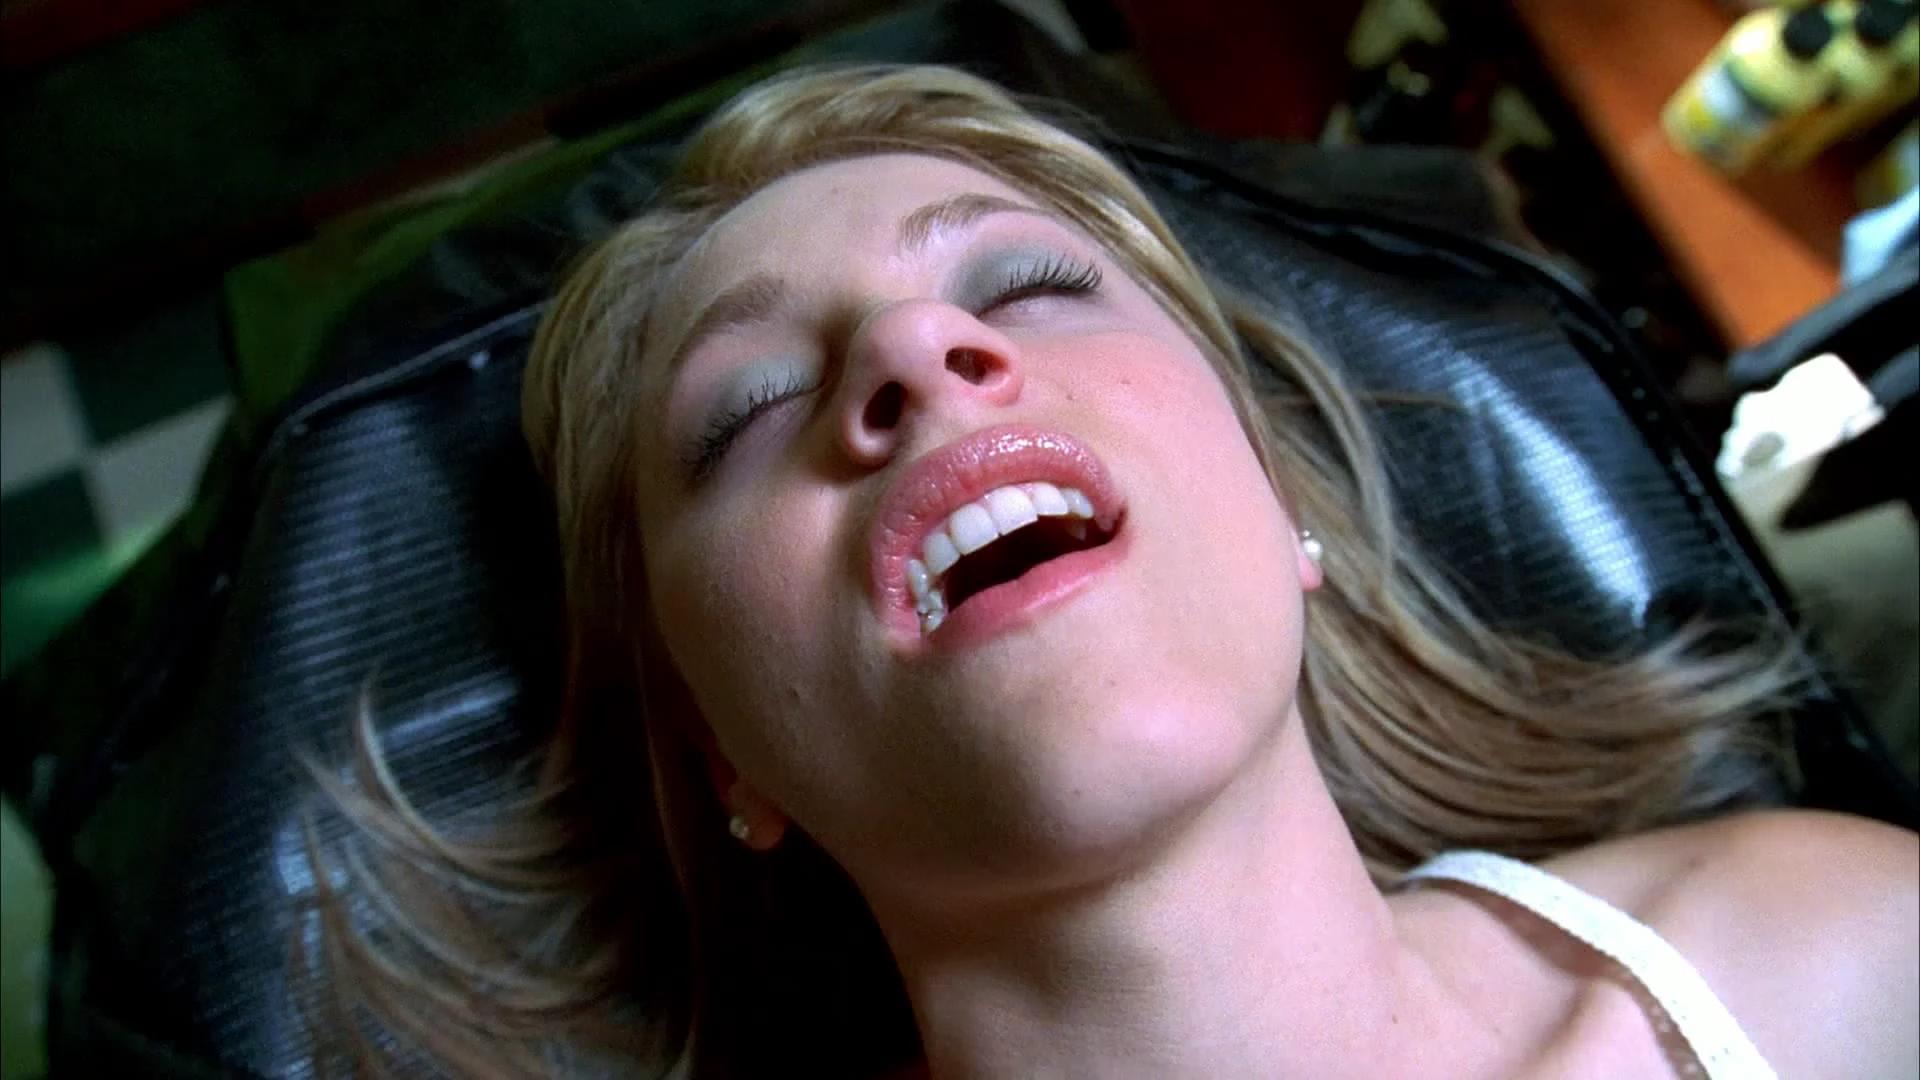 CSI: NY (2004 series)